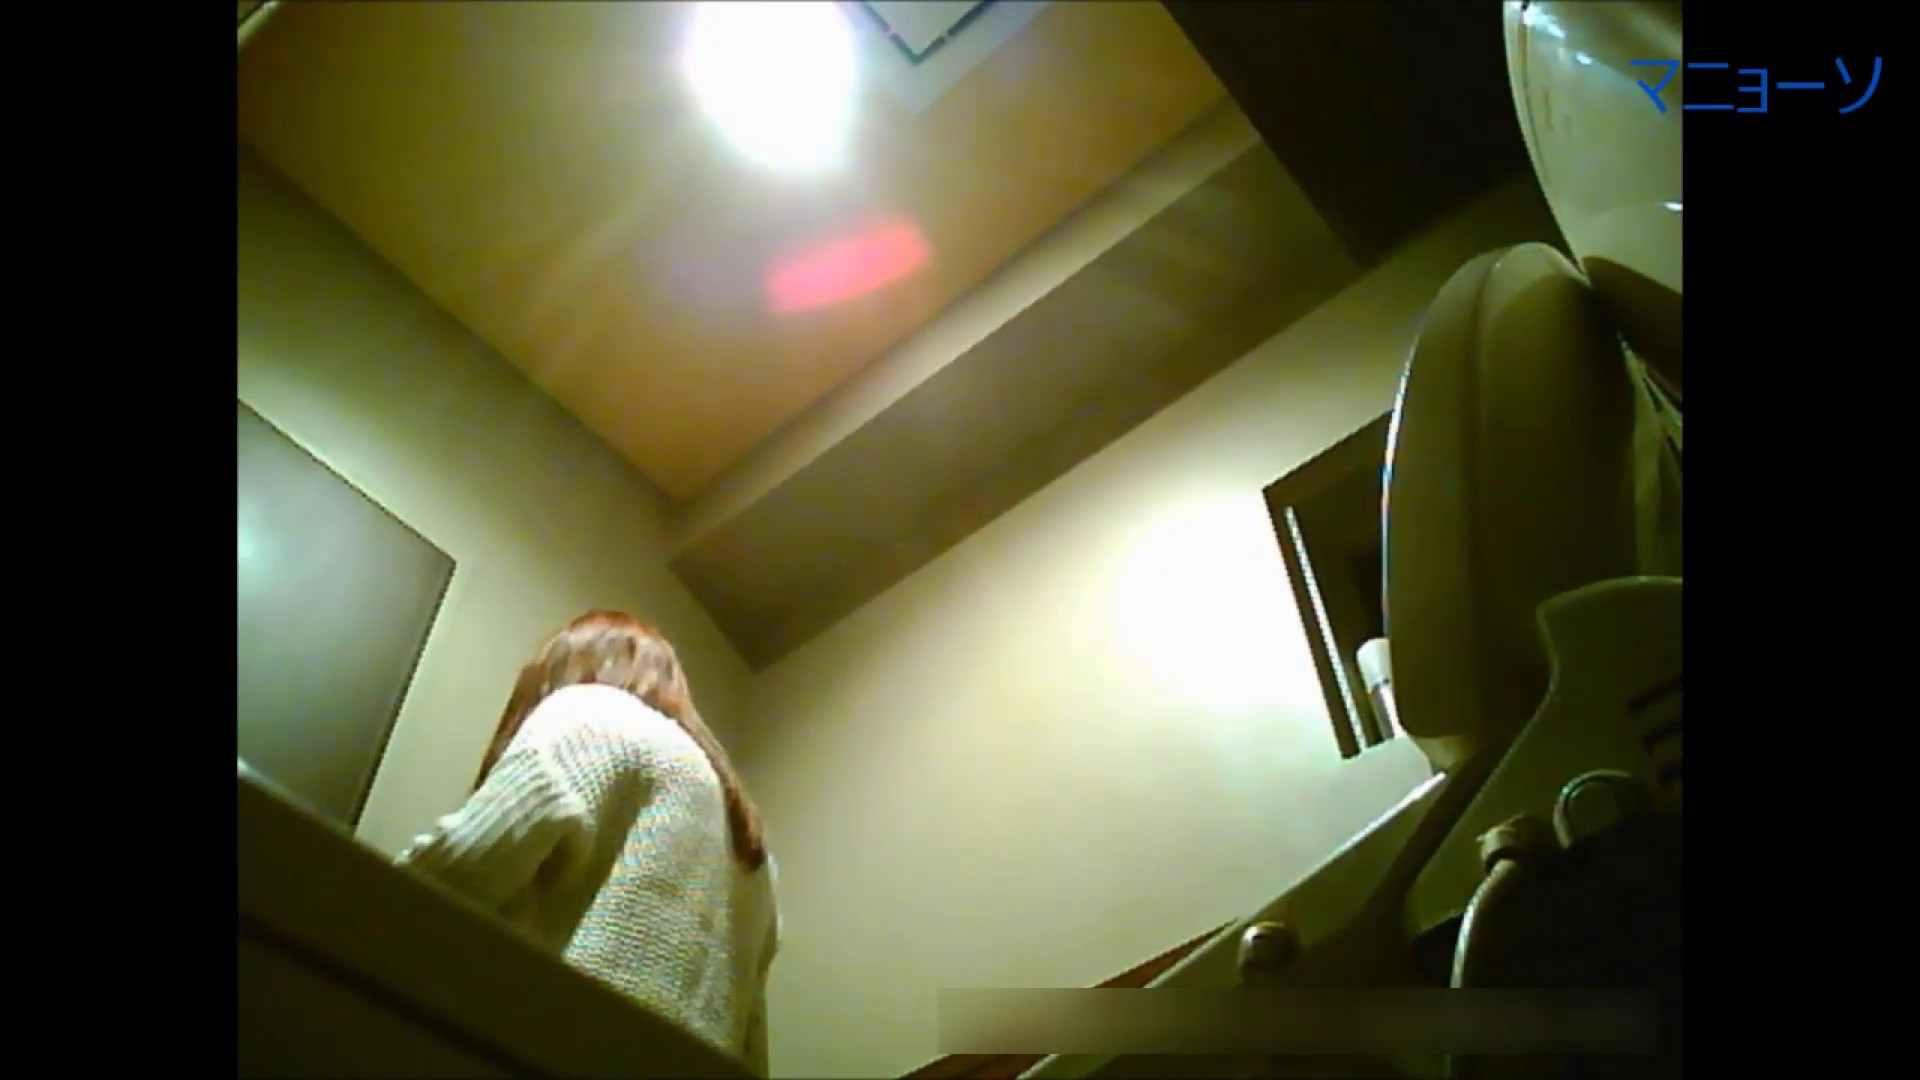 トイレでひと肌脱いでもらいました (JD編)Vol.01 トイレ | OLの実態  53pic 13